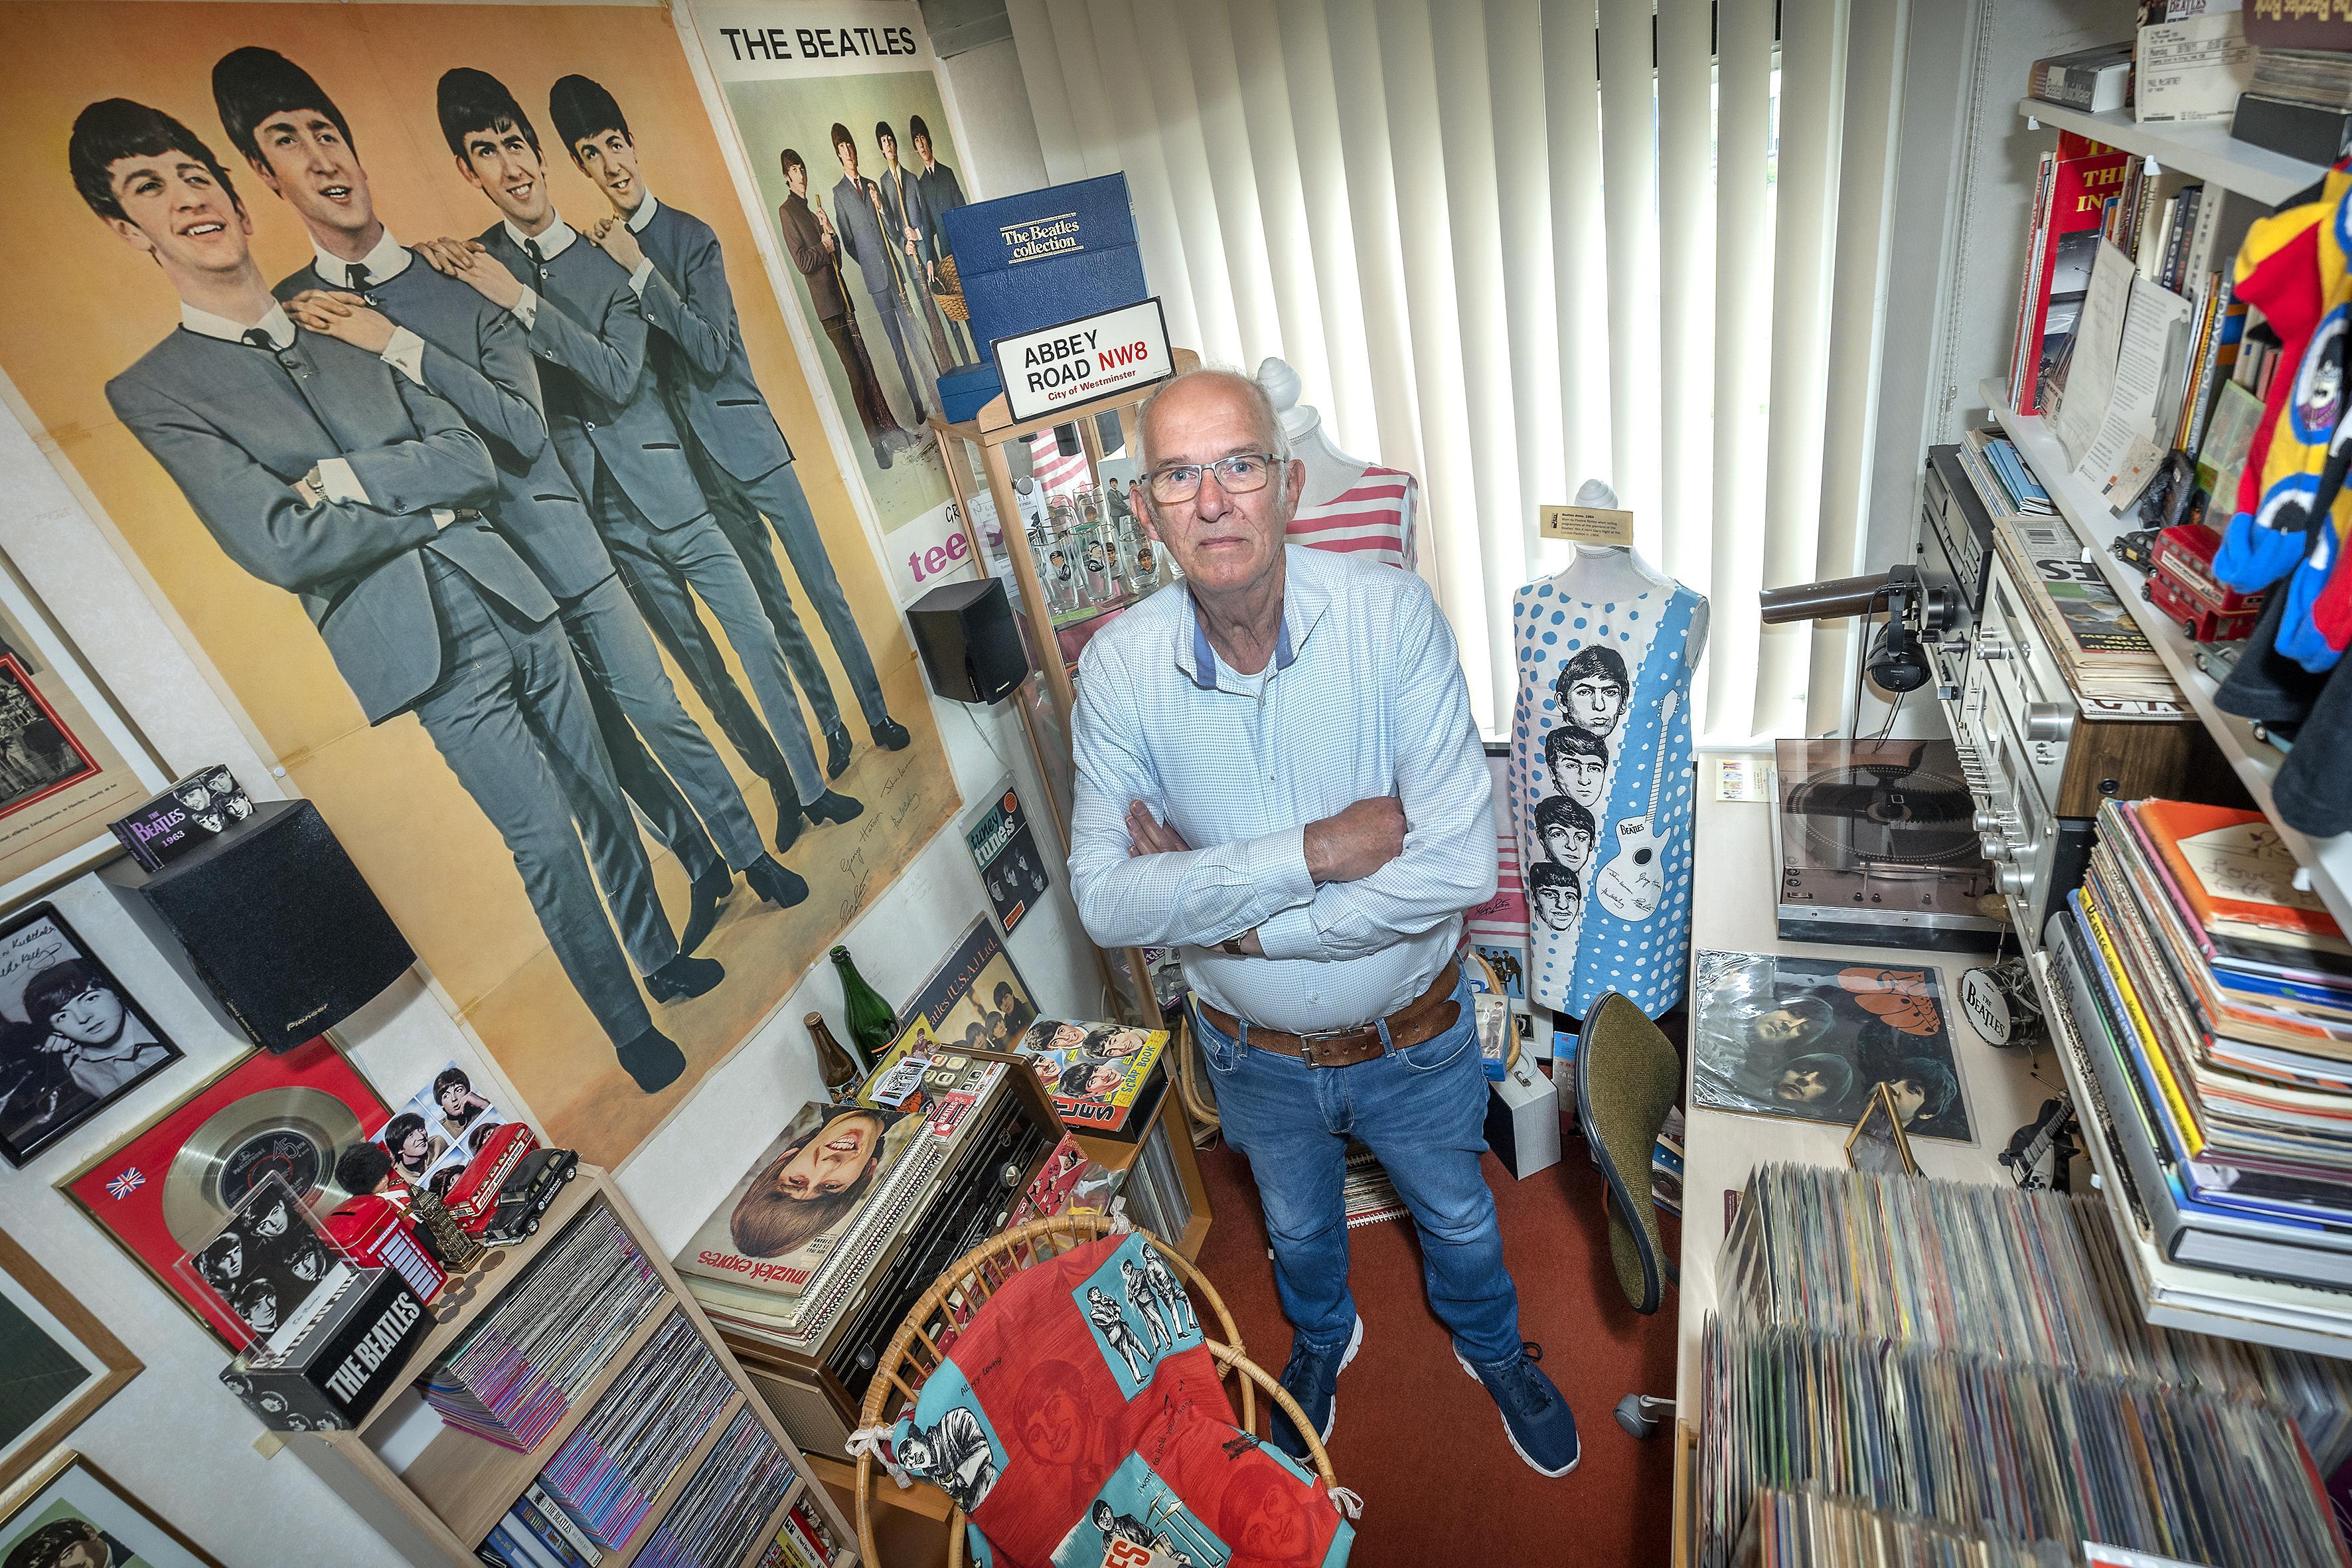 Venneper Teun Korthals wil zijn Beatlesverzameling laten zien, het liefst in een museumpje in 'Beatlesdorp' Hillegom